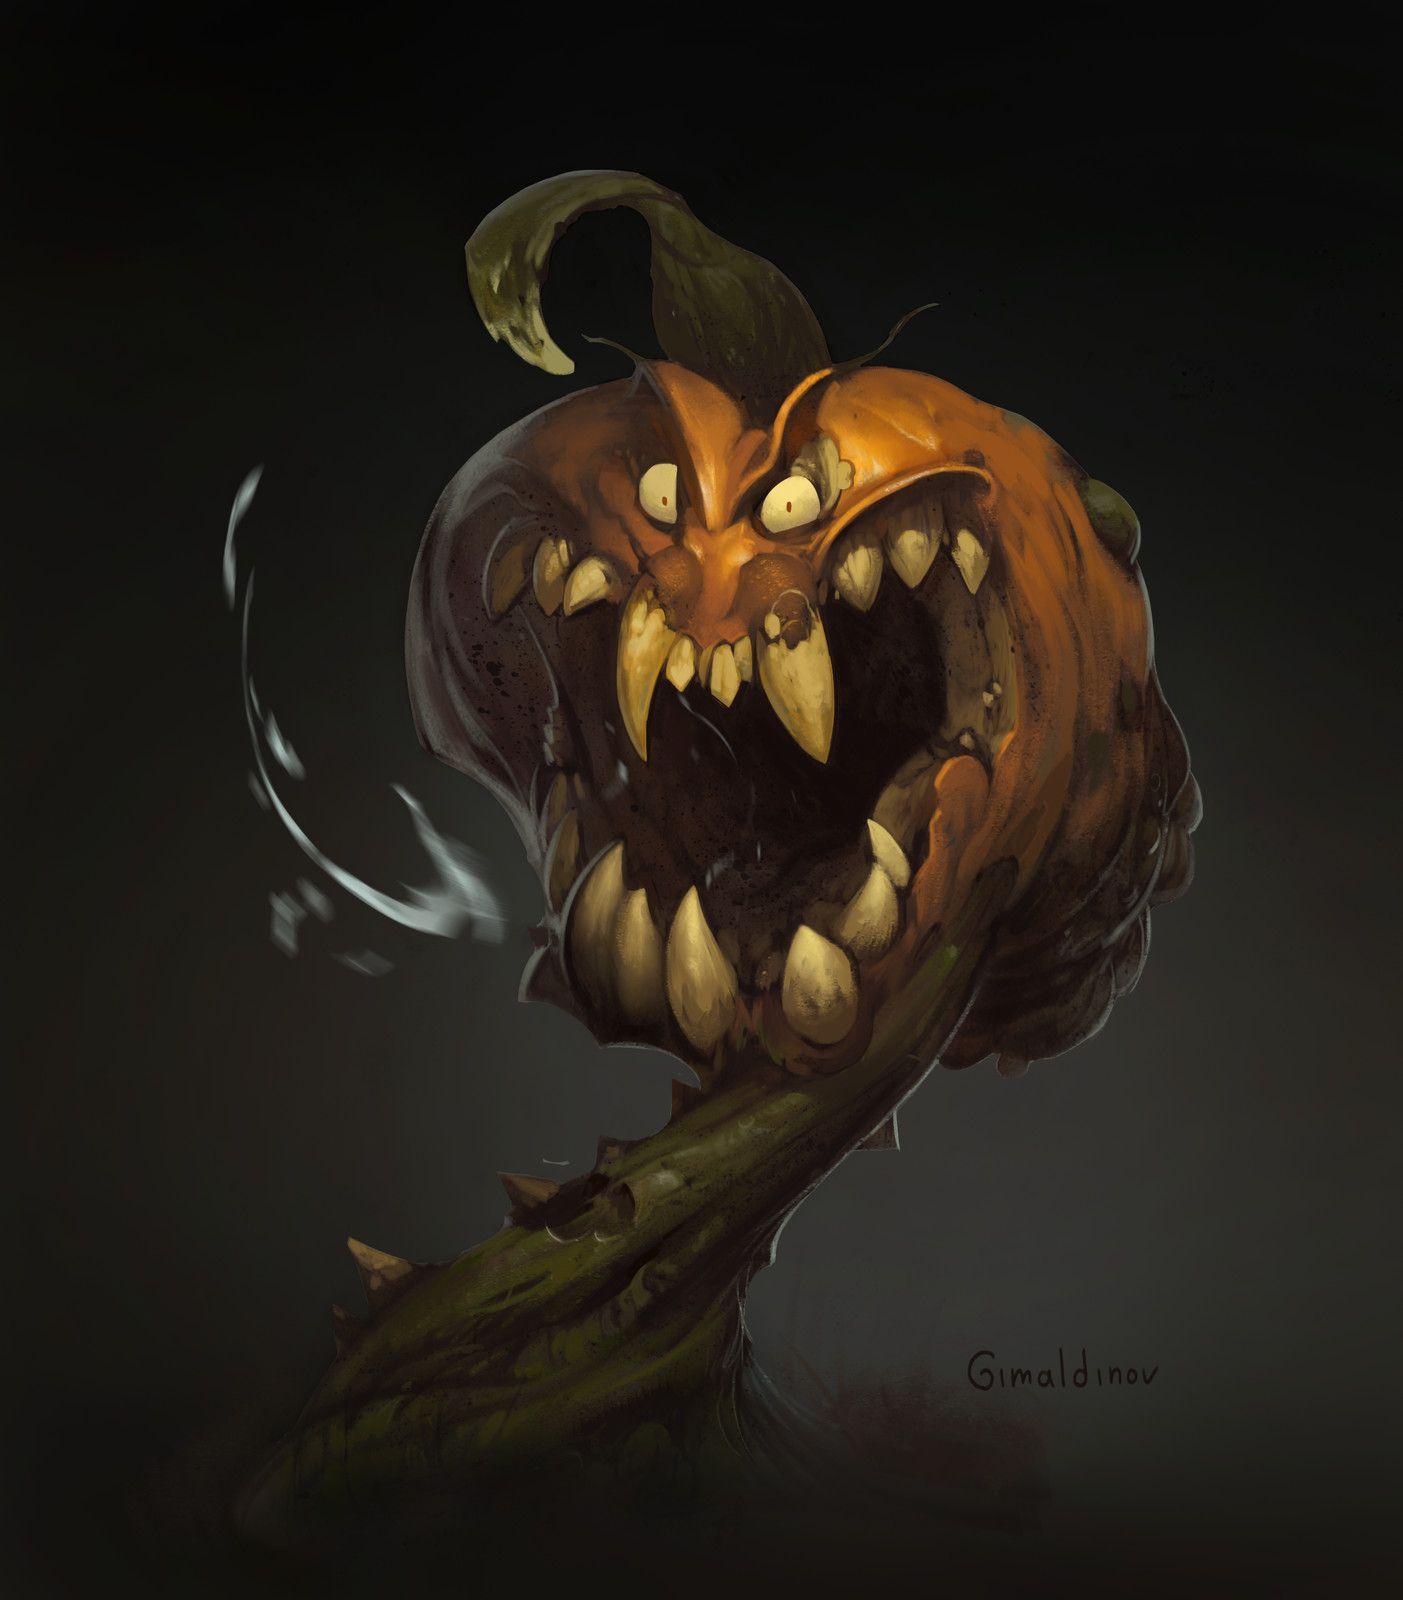 Creepy Pumpkin, Arthur Gimaldinov on ArtStation at https://www.artstation.com/artwork/o0qRk